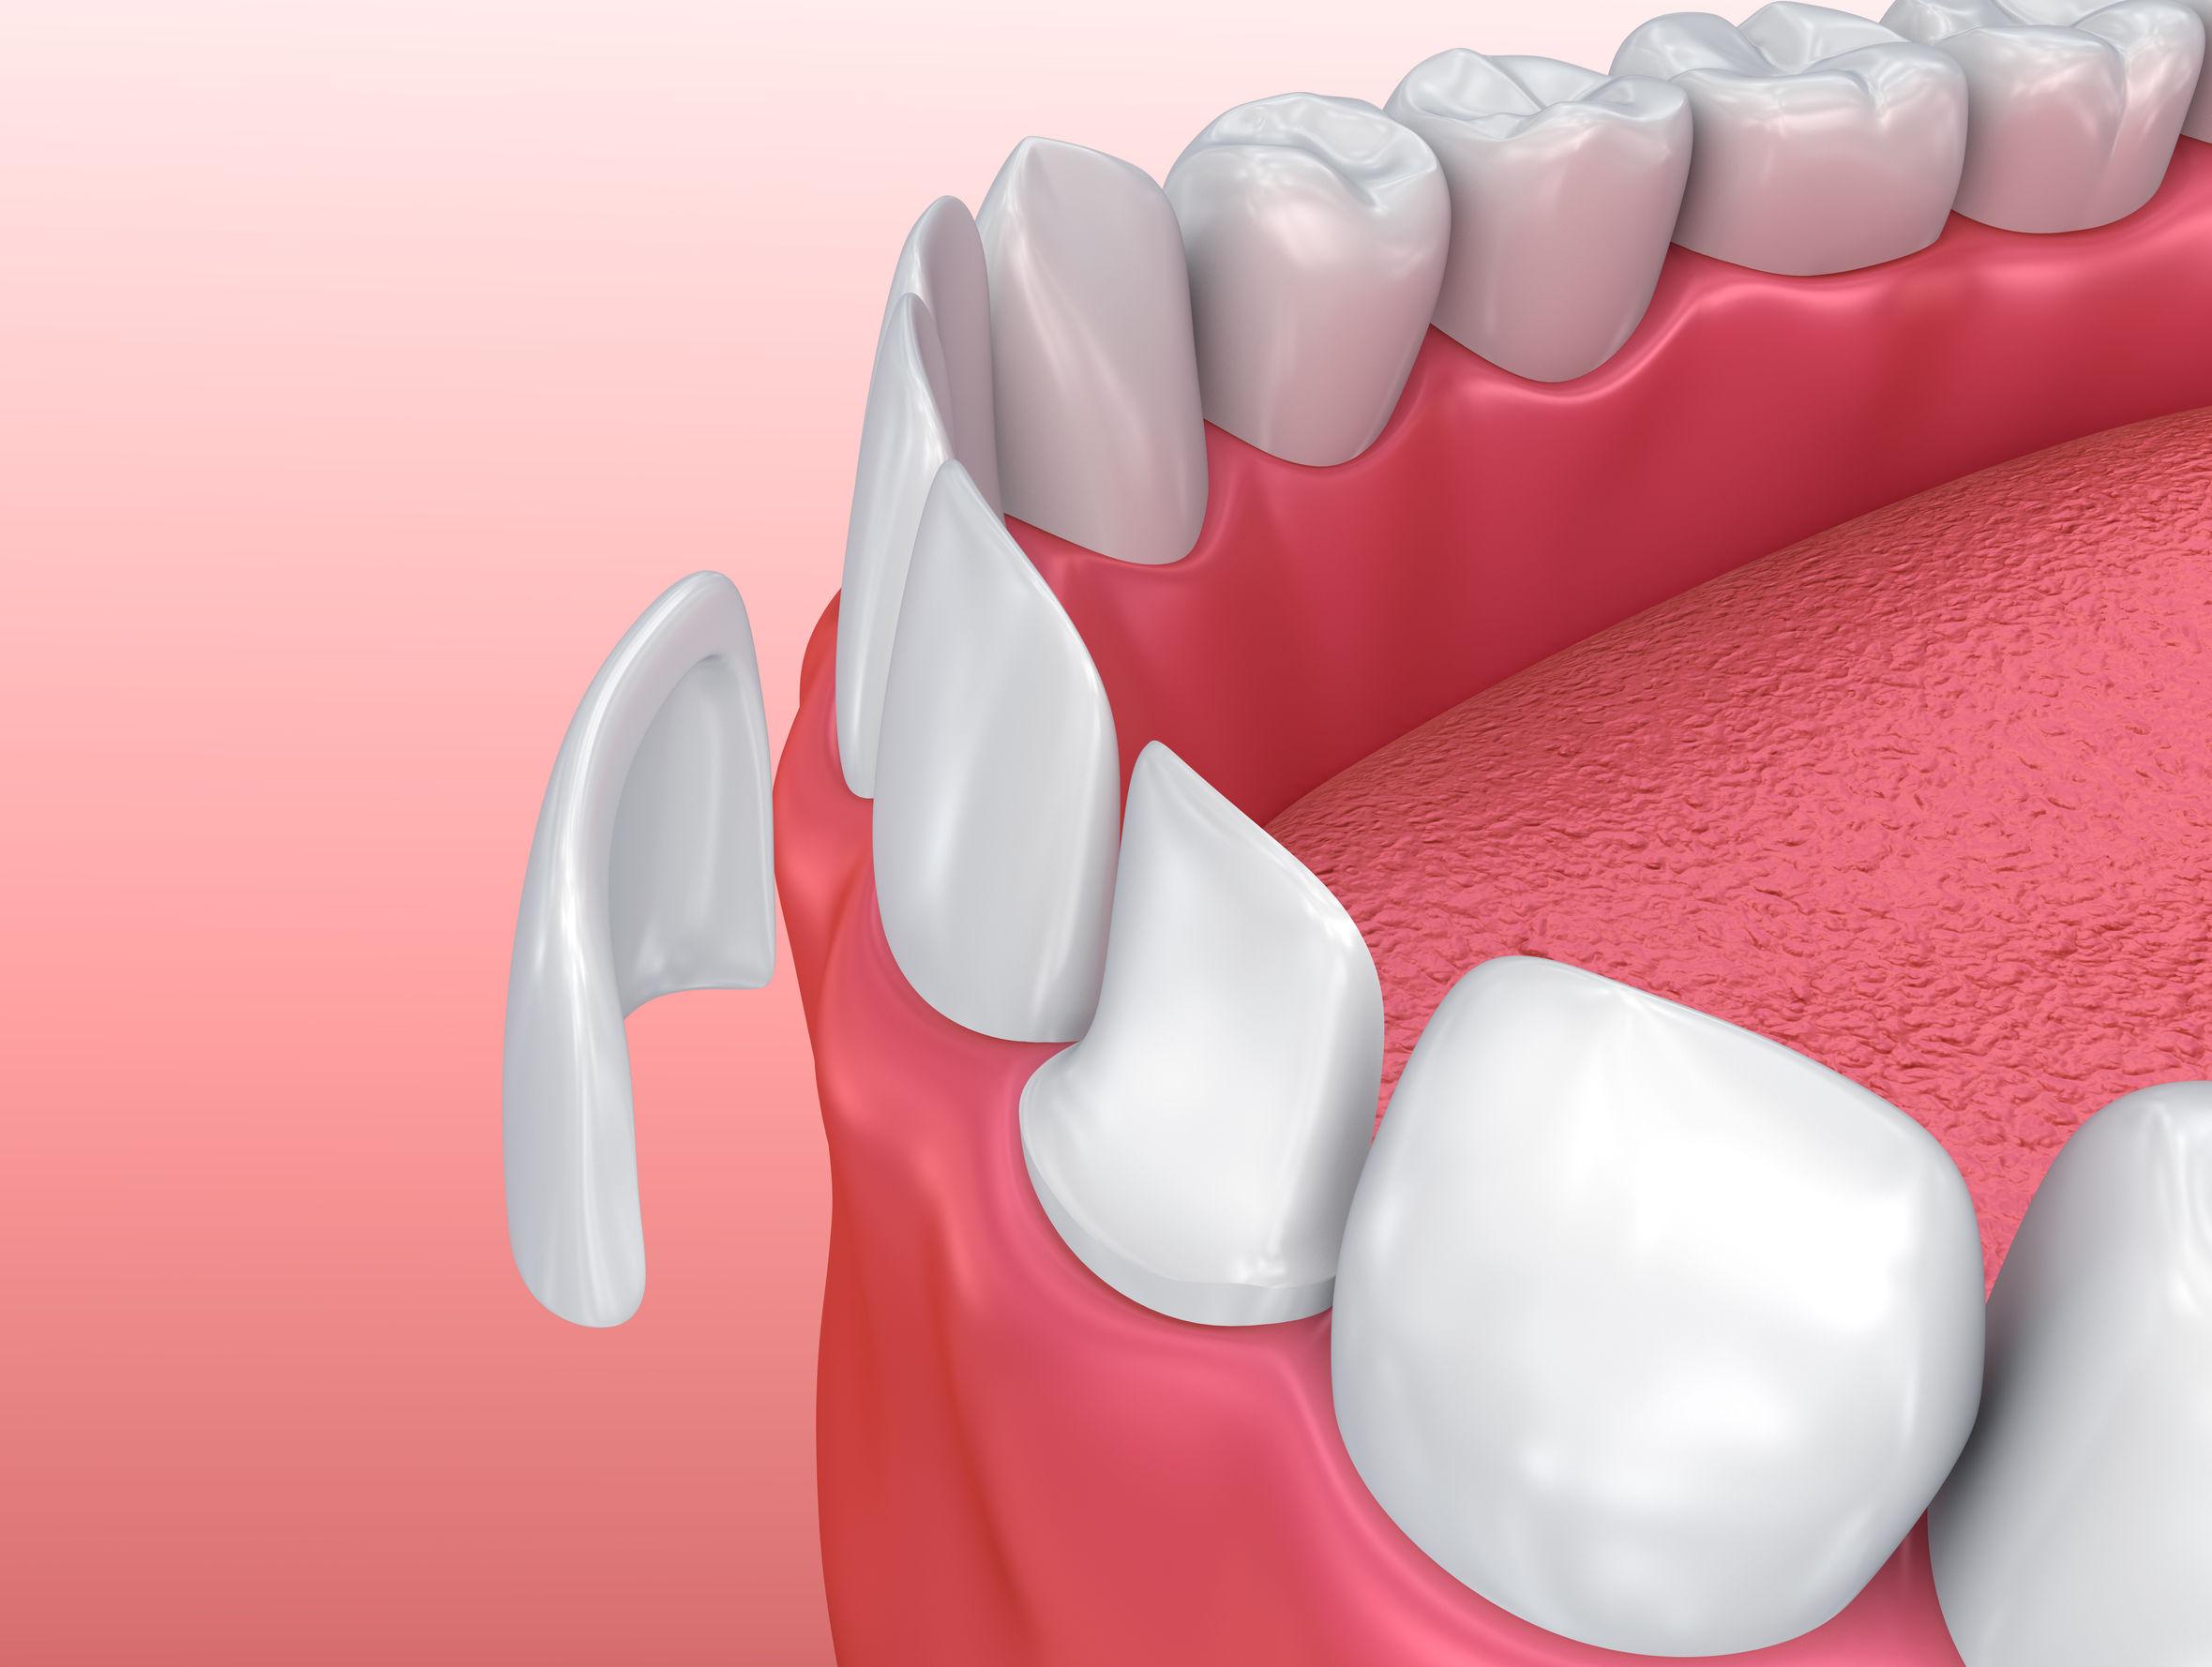 Porcelain veneers can be used to repair damaged teeth.